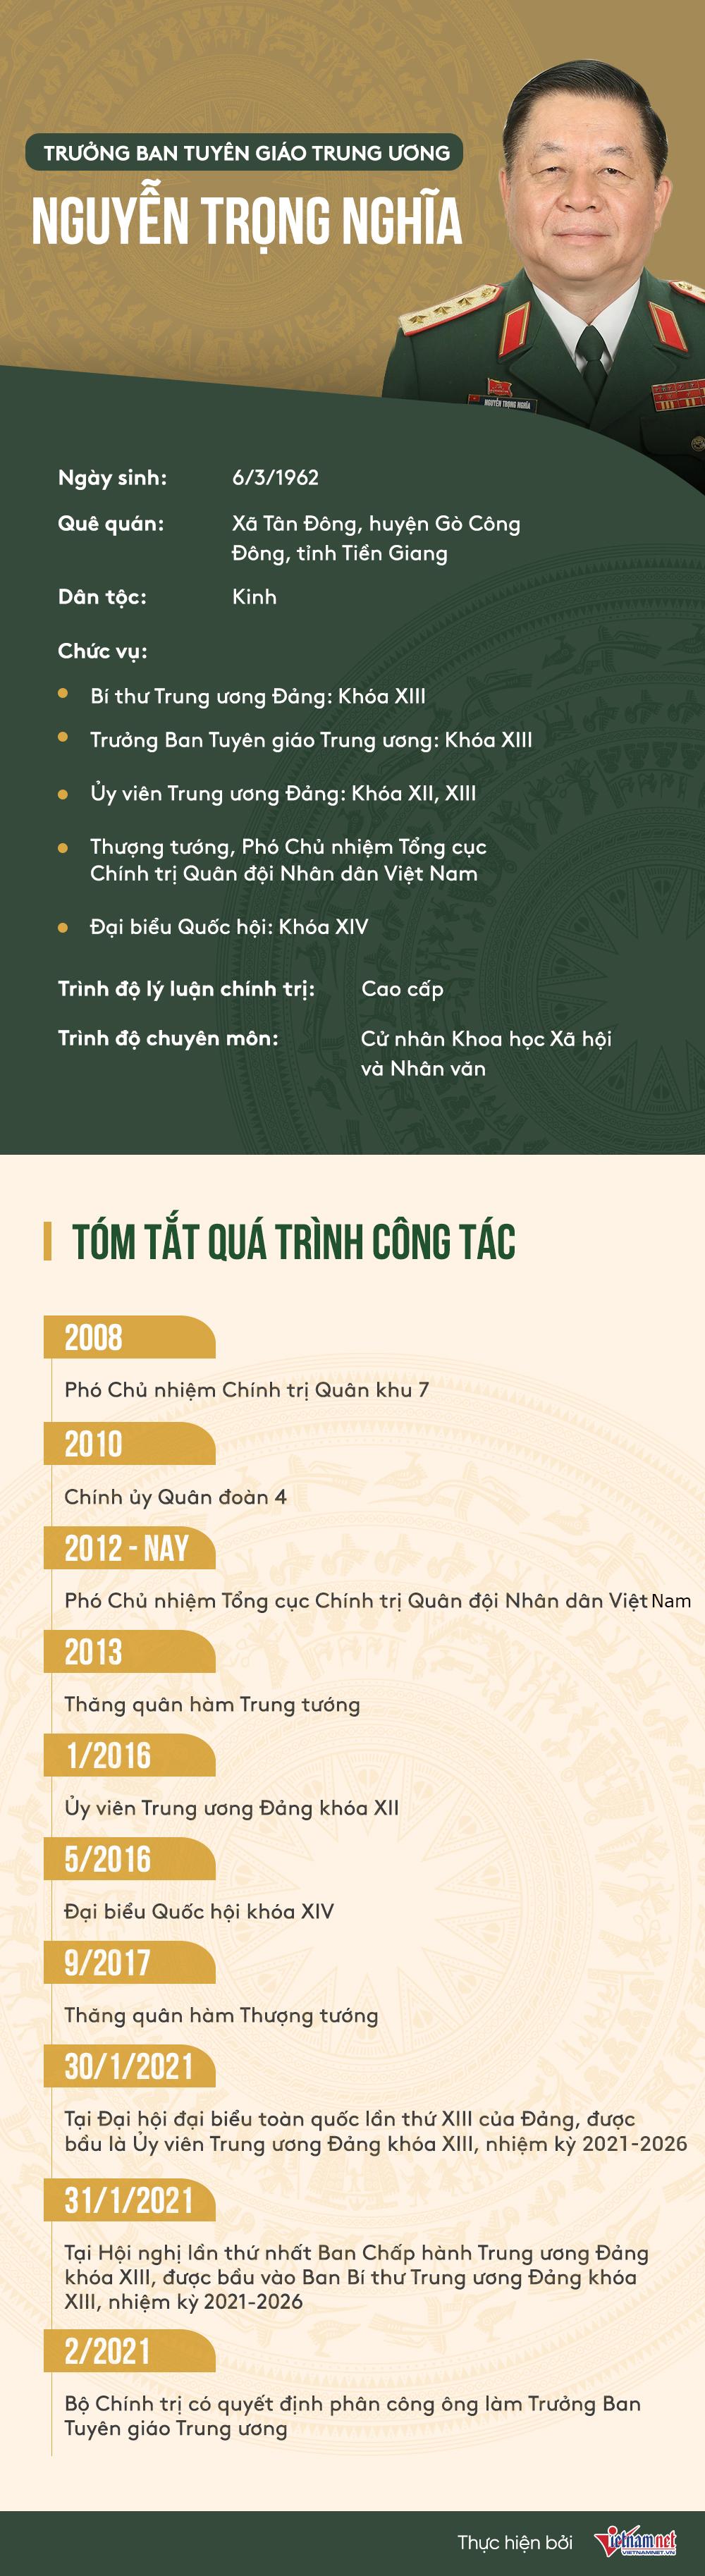 Quá trình công tác của tân Trưởng Ban Tuyên giáo T.Ư Nguyễn Trọng Nghĩa